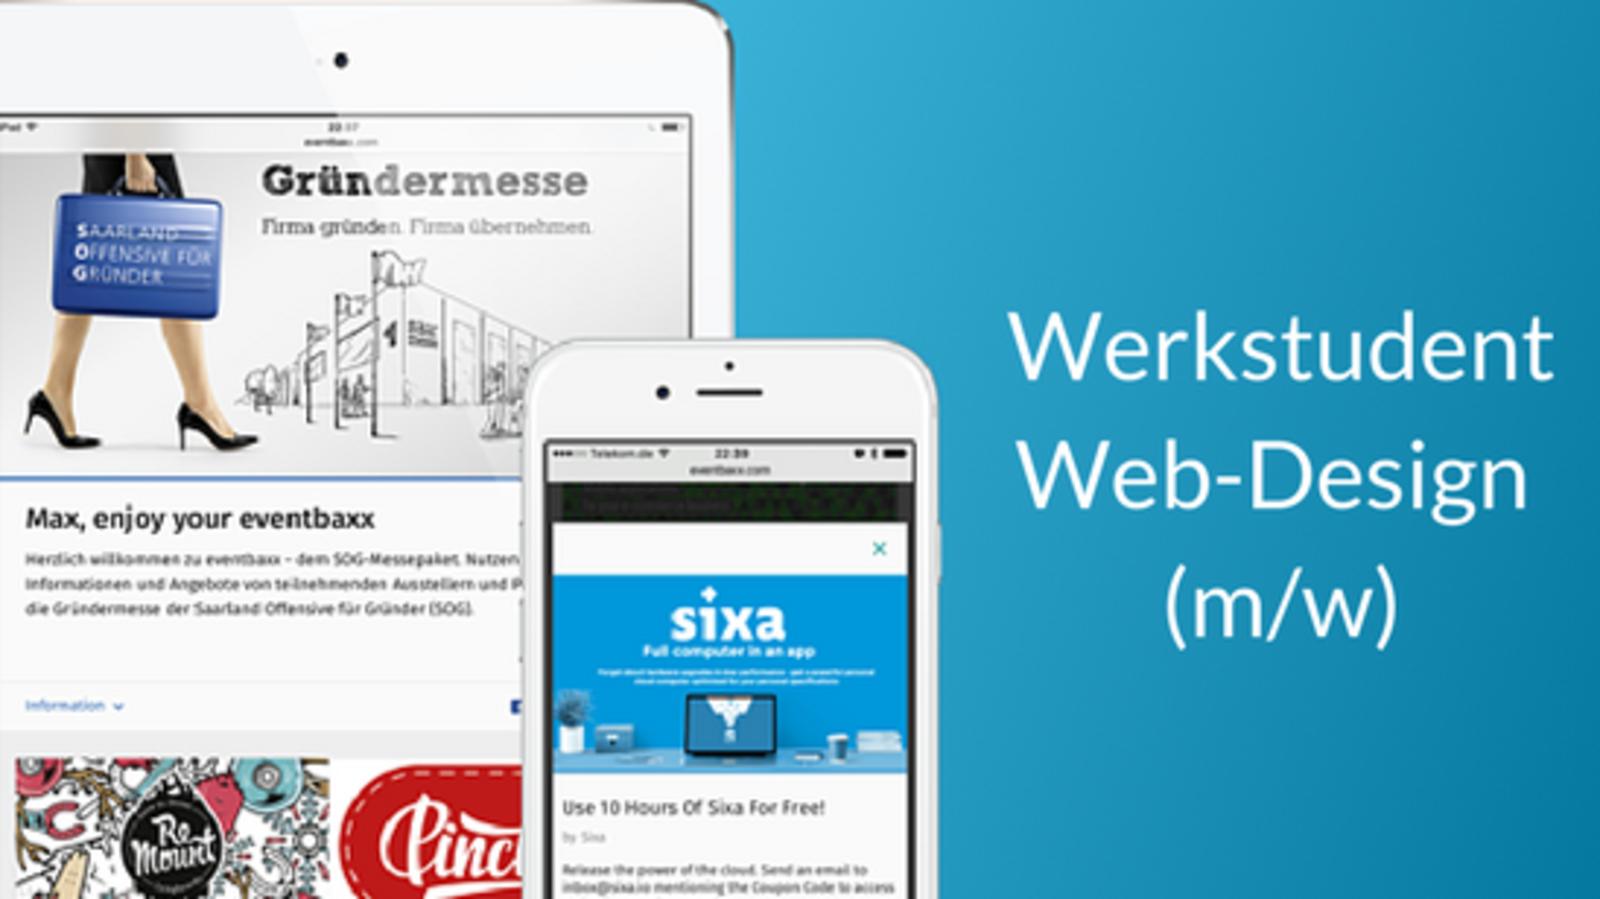 Werkstudent Web-Design (m/w)